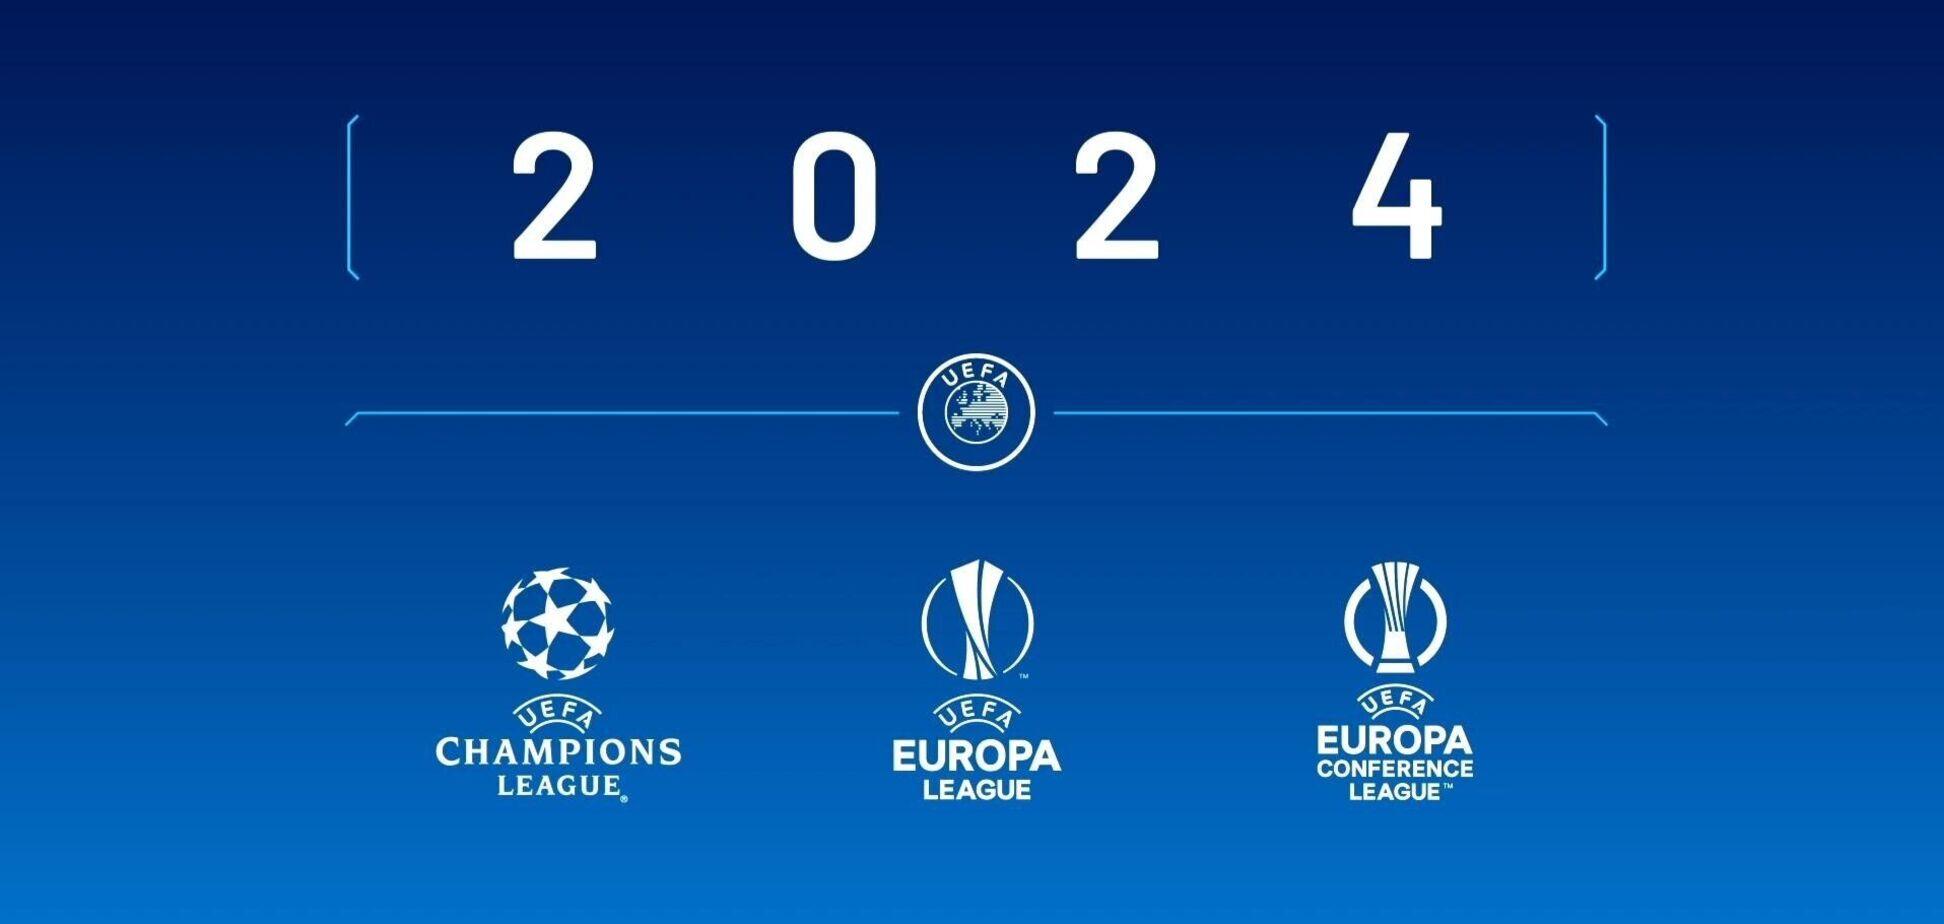 Лига чемпионов, Лига Европы и Лига конференций